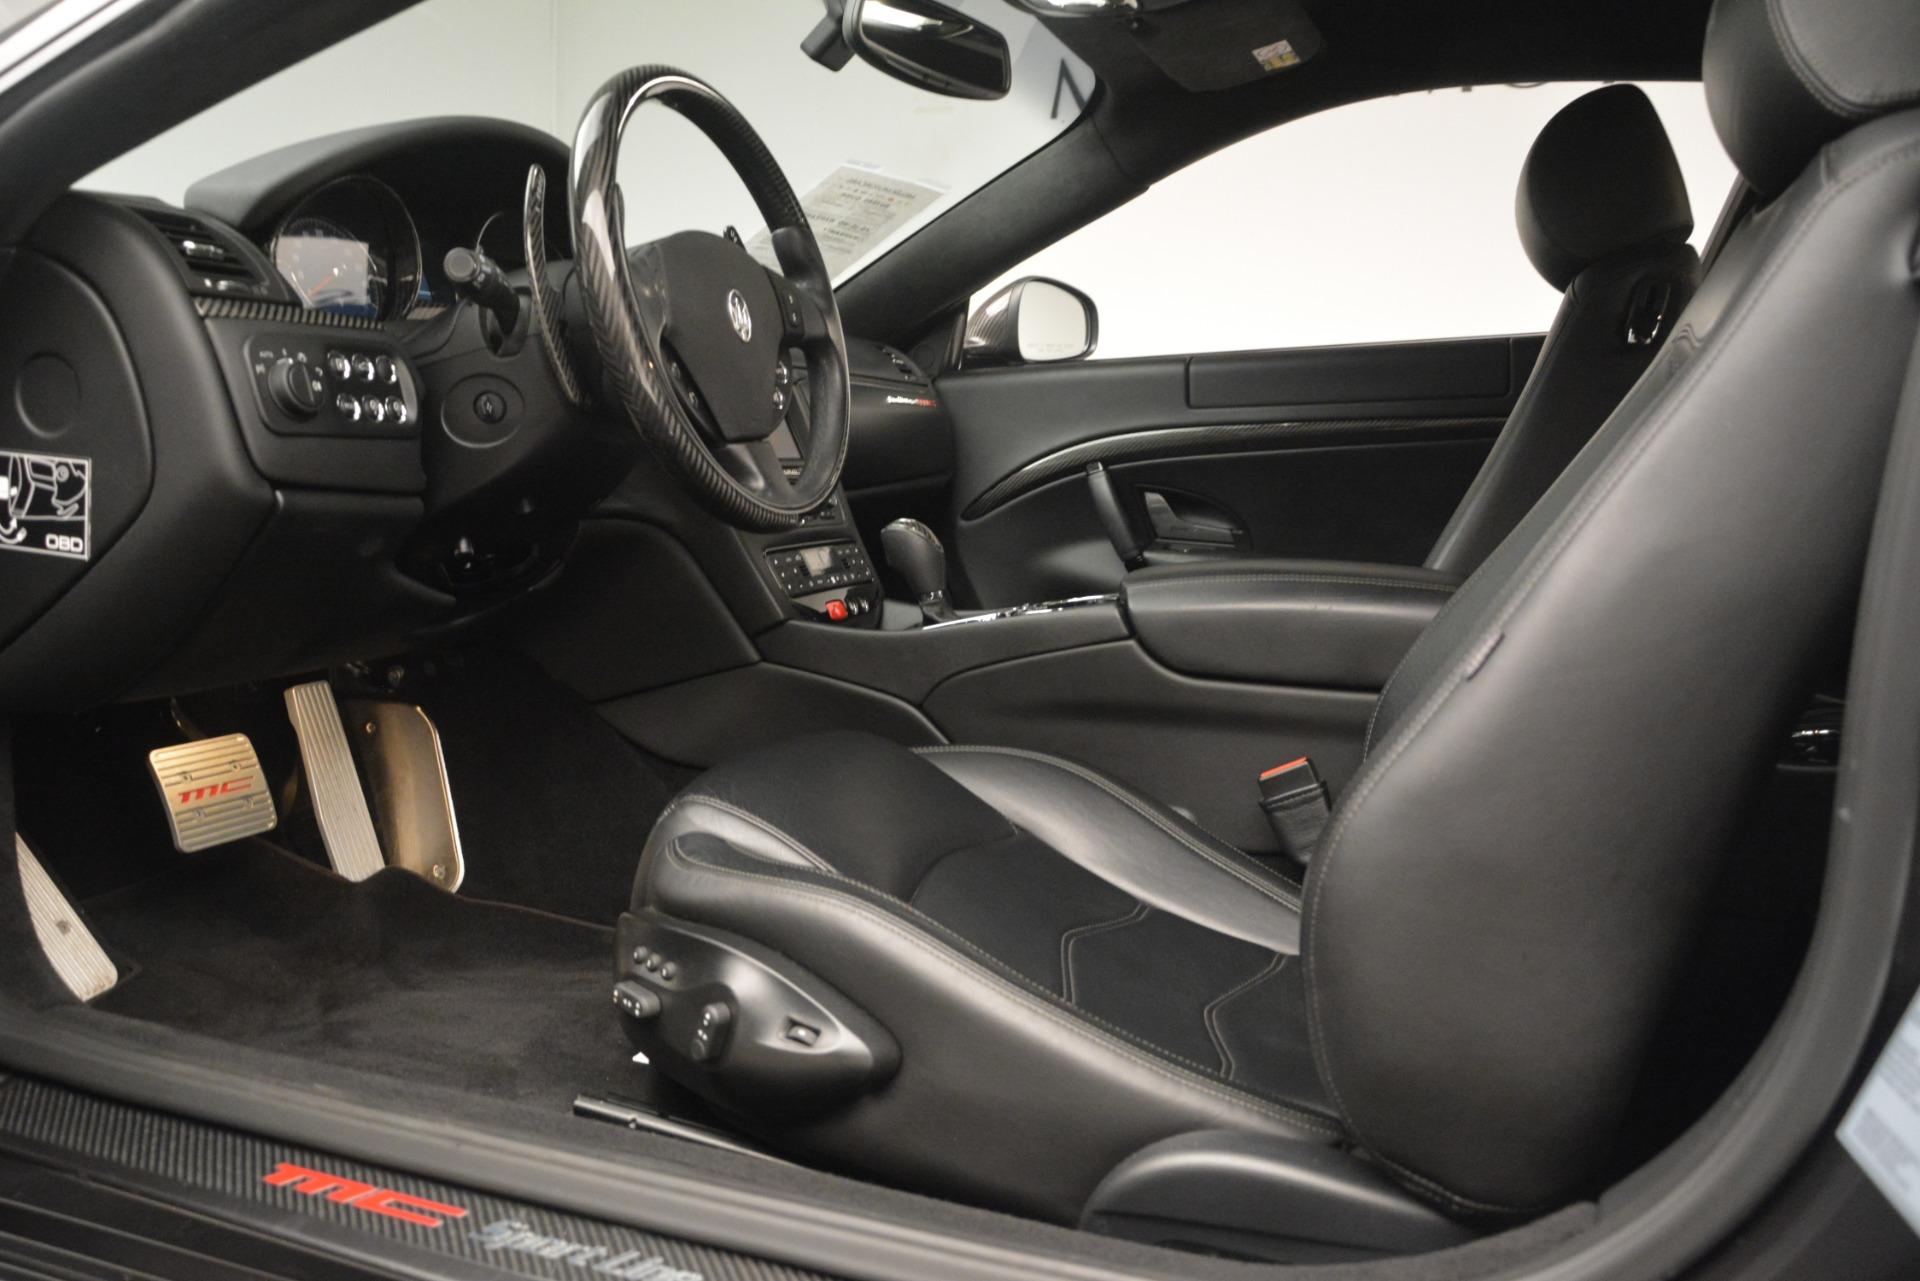 Used 2012 Maserati GranTurismo MC For Sale In Greenwich, CT 1284_p14